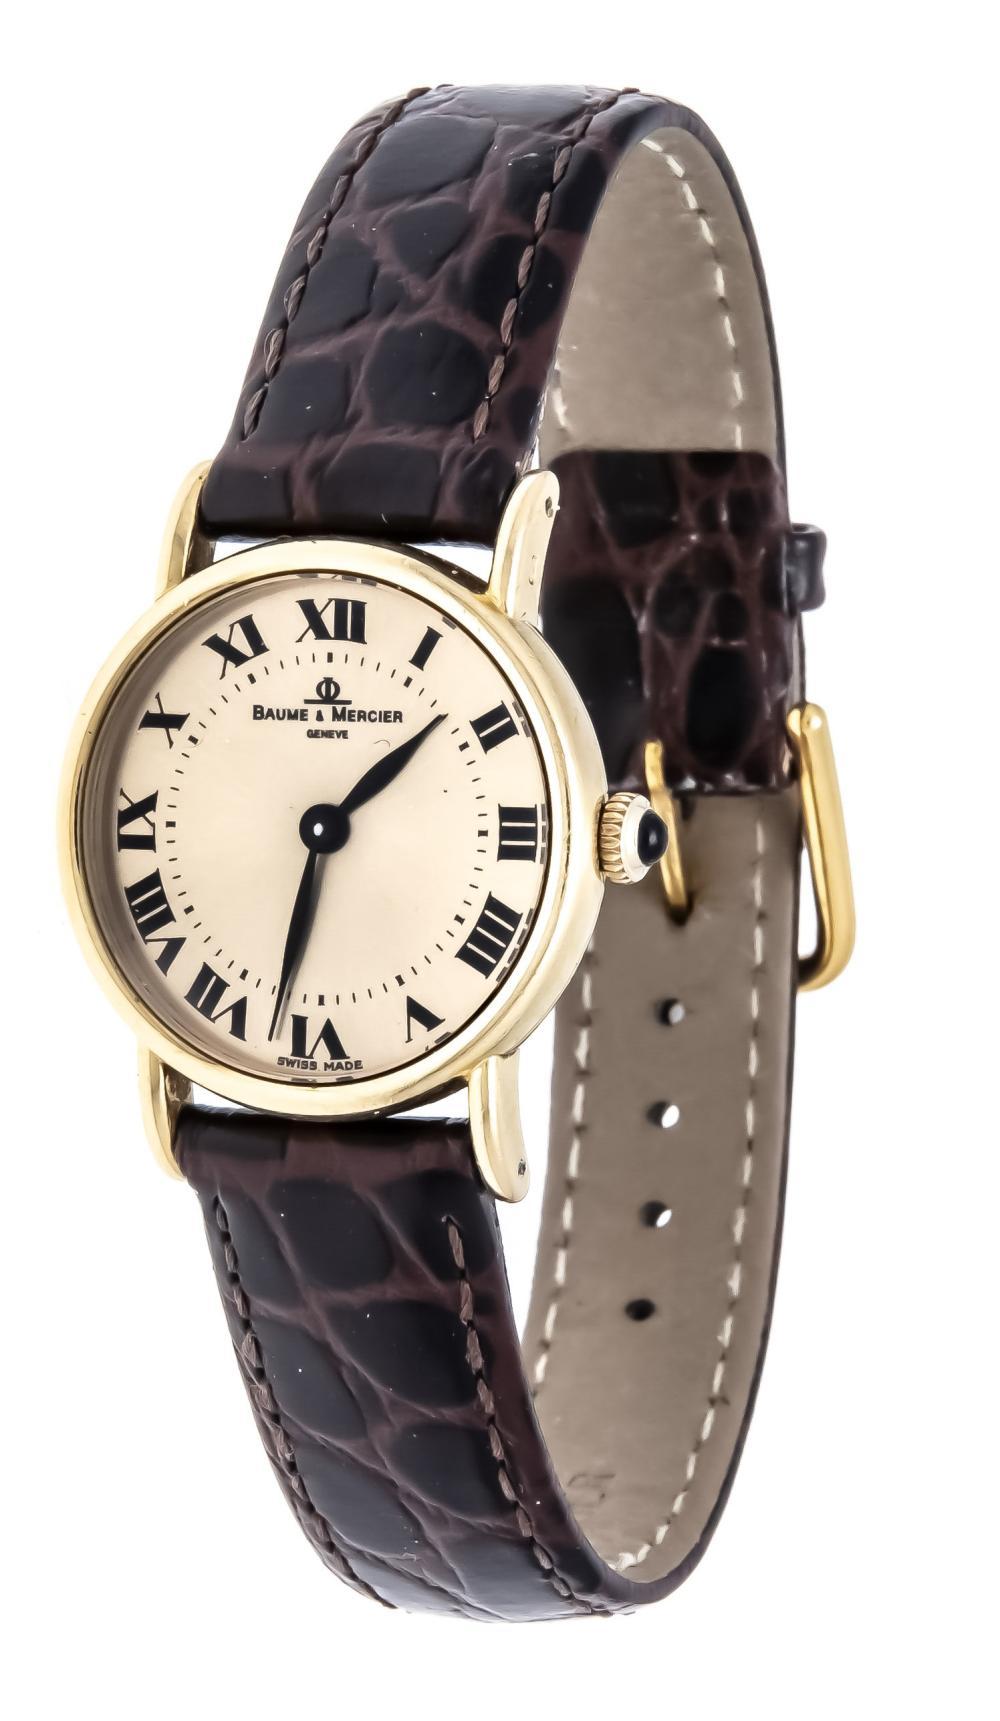 Baume & Mercier ladies' watch